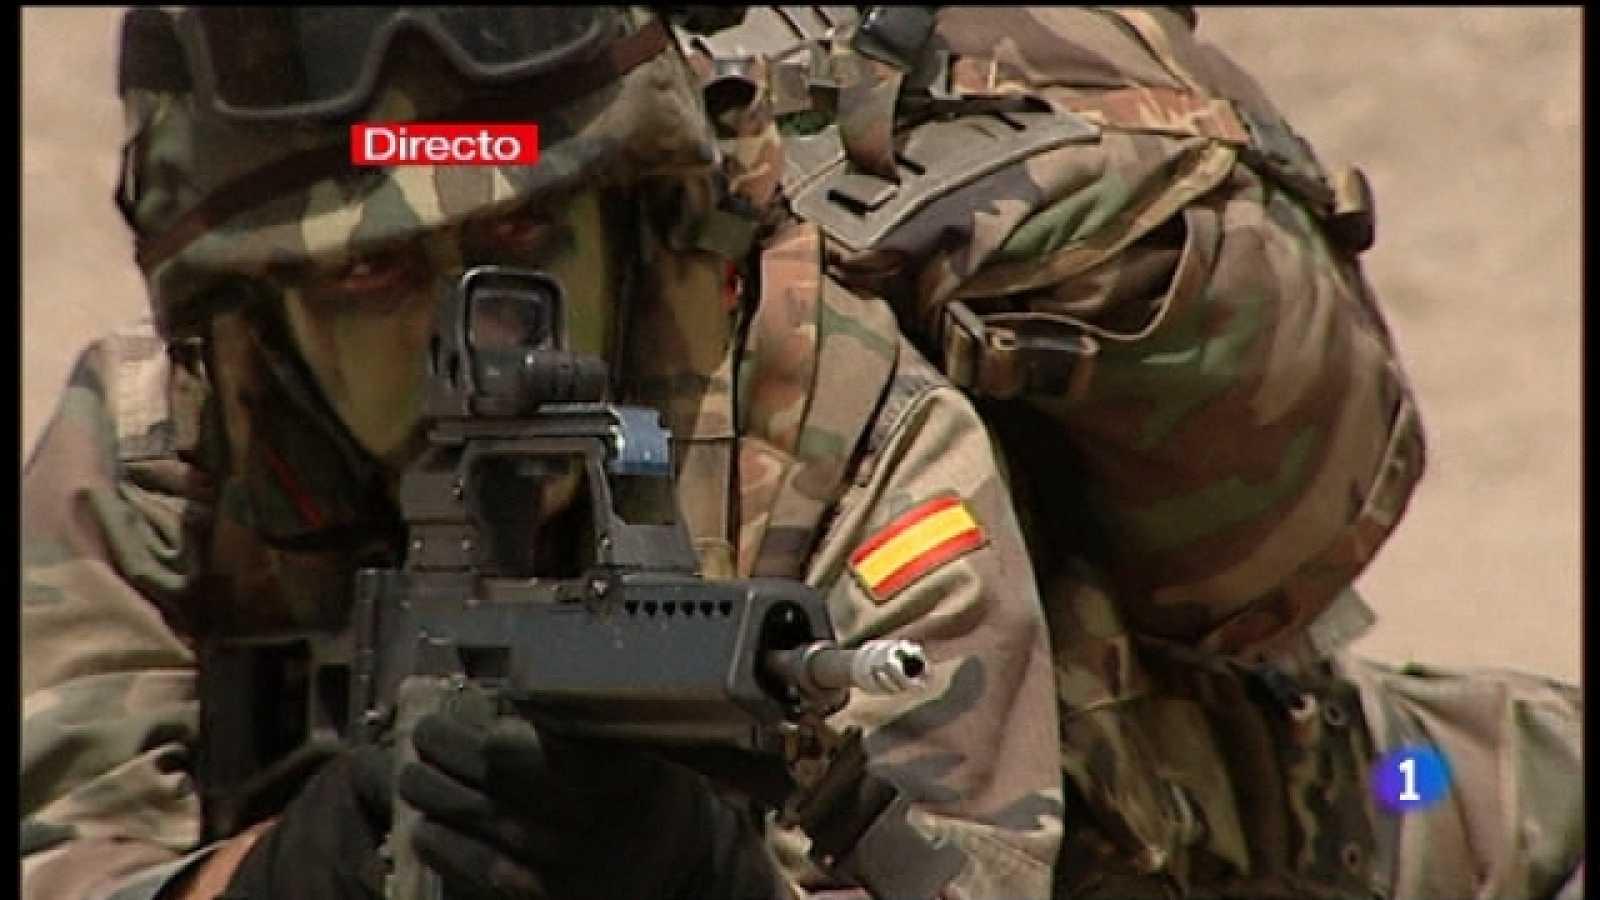 Día de las Fuerzas Armadas - Exhibición operativa - Ver ahora